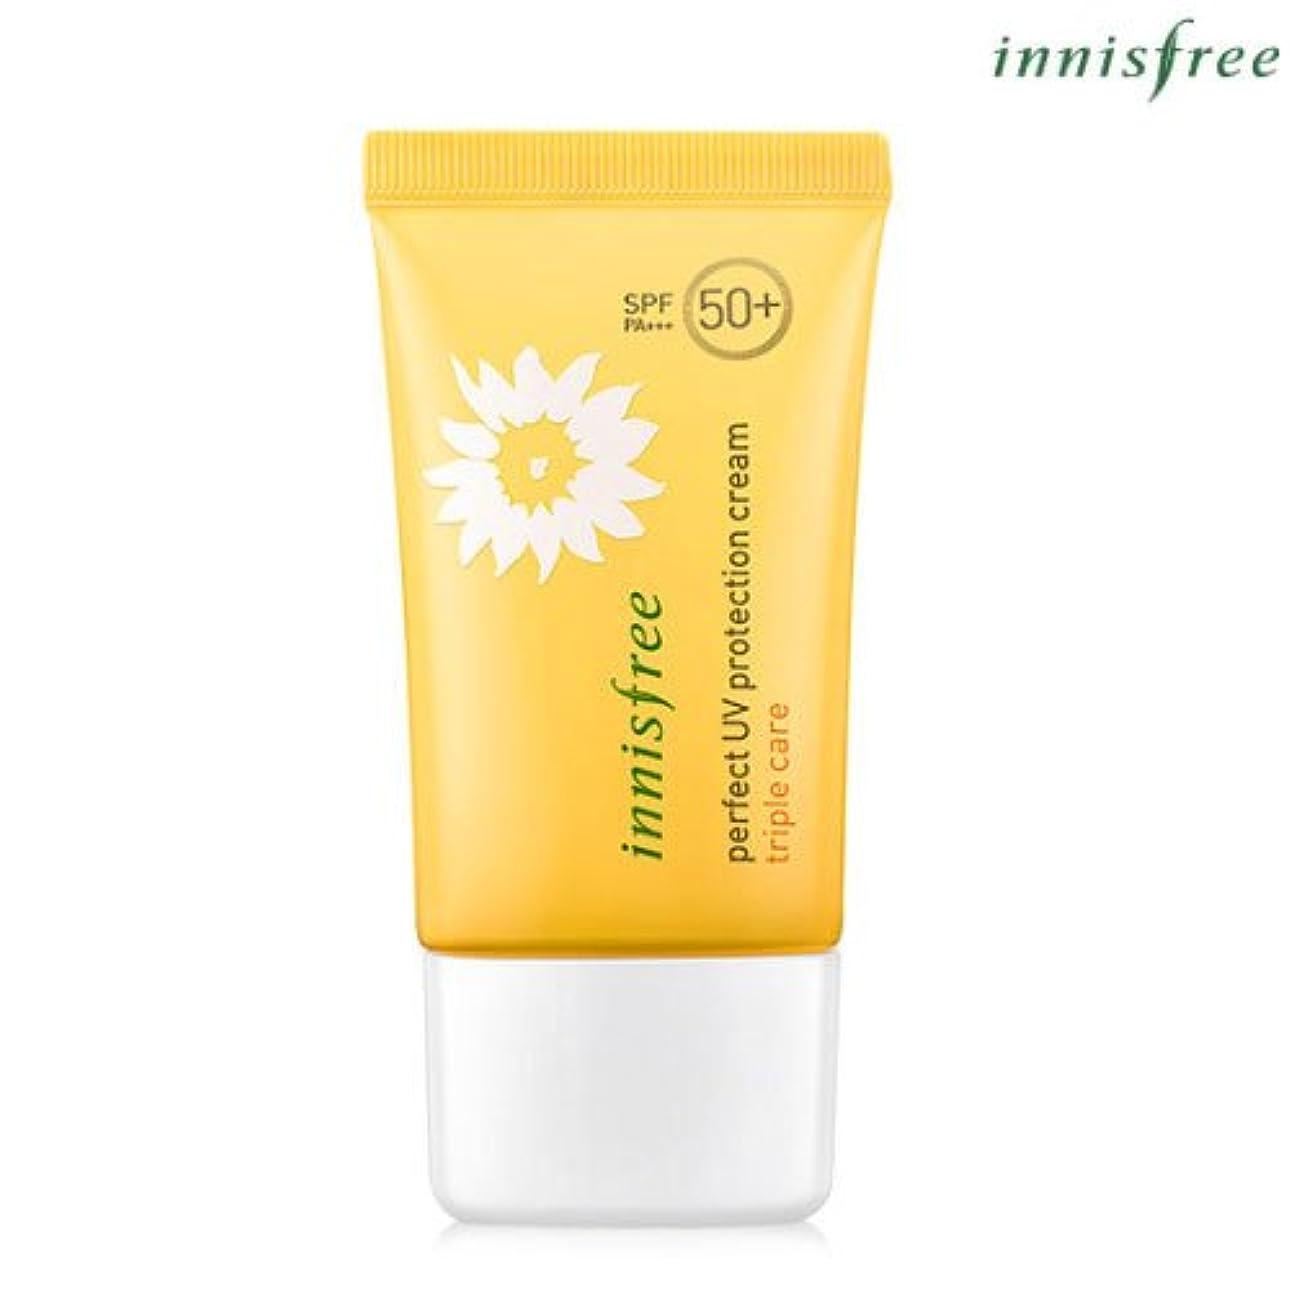 釈義優雅チェスをする[INNISFREE]イニスフリーパーフェクトUV プロテクション クリームトリプルケアSPF50+ PA+++ 50mL perfect UV protection cream triple care SPF50+ PA+++ 50mL [並行輸入品]